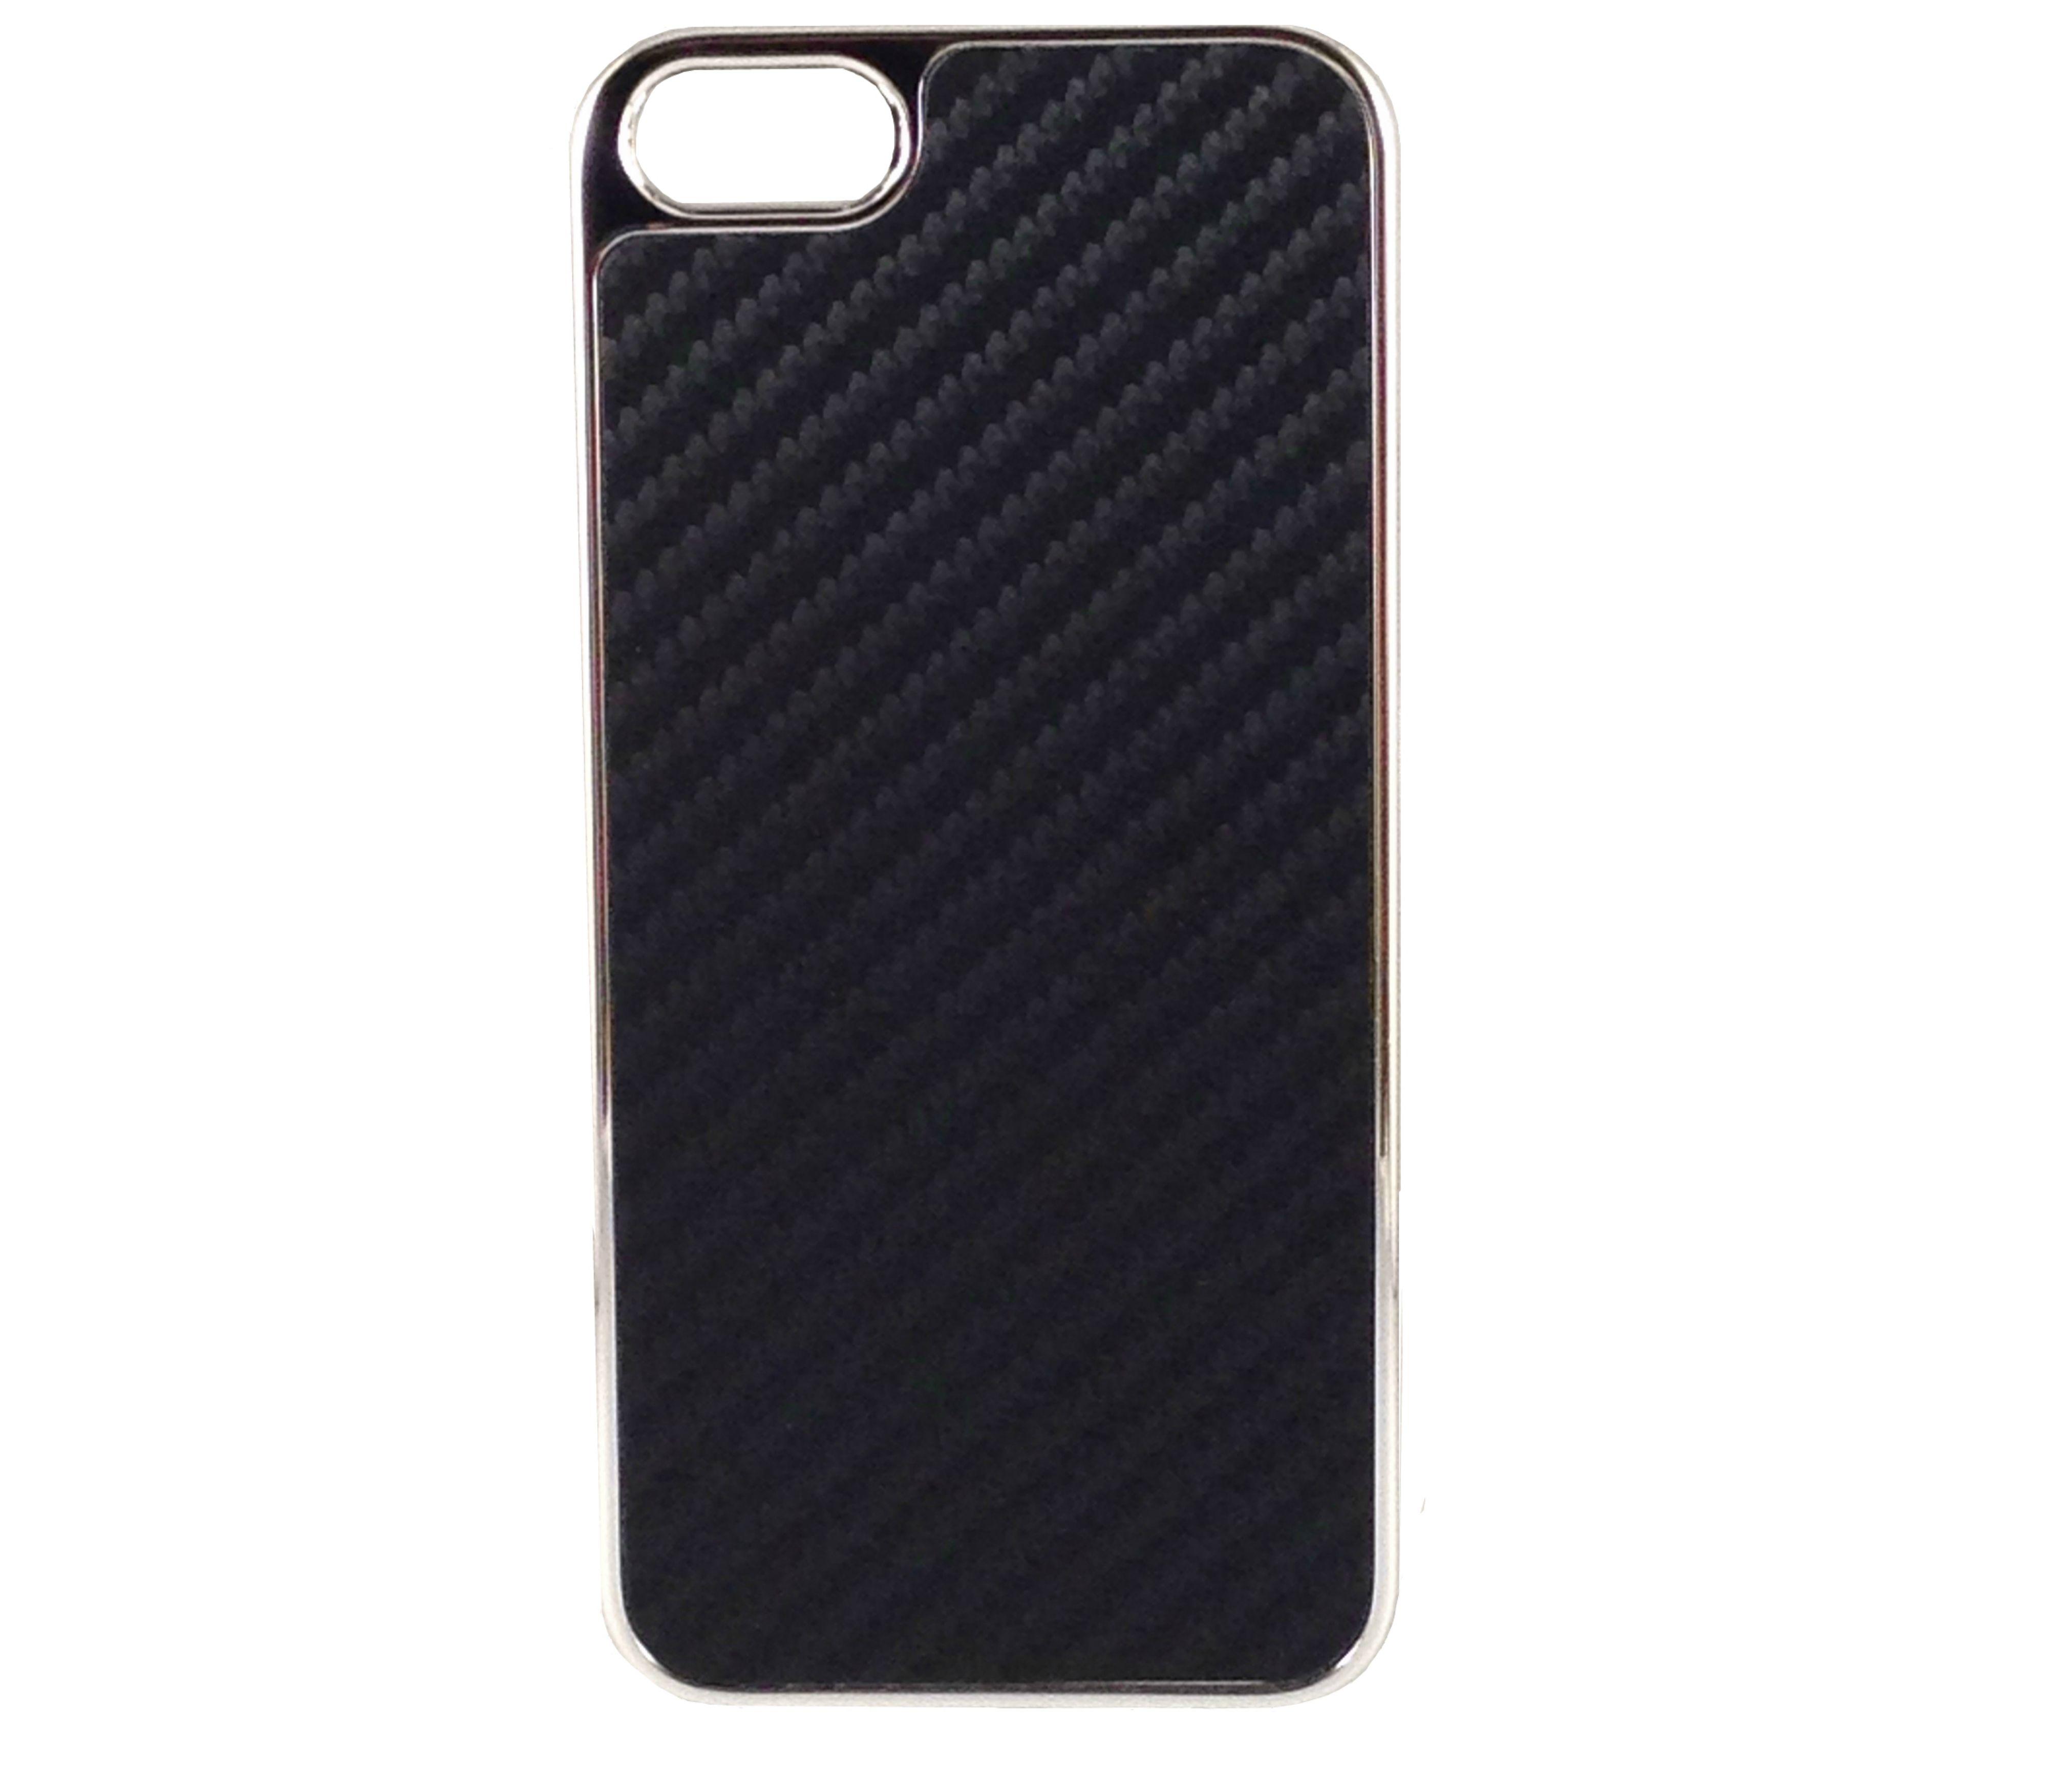 Carbon fiber case iphone cases phone